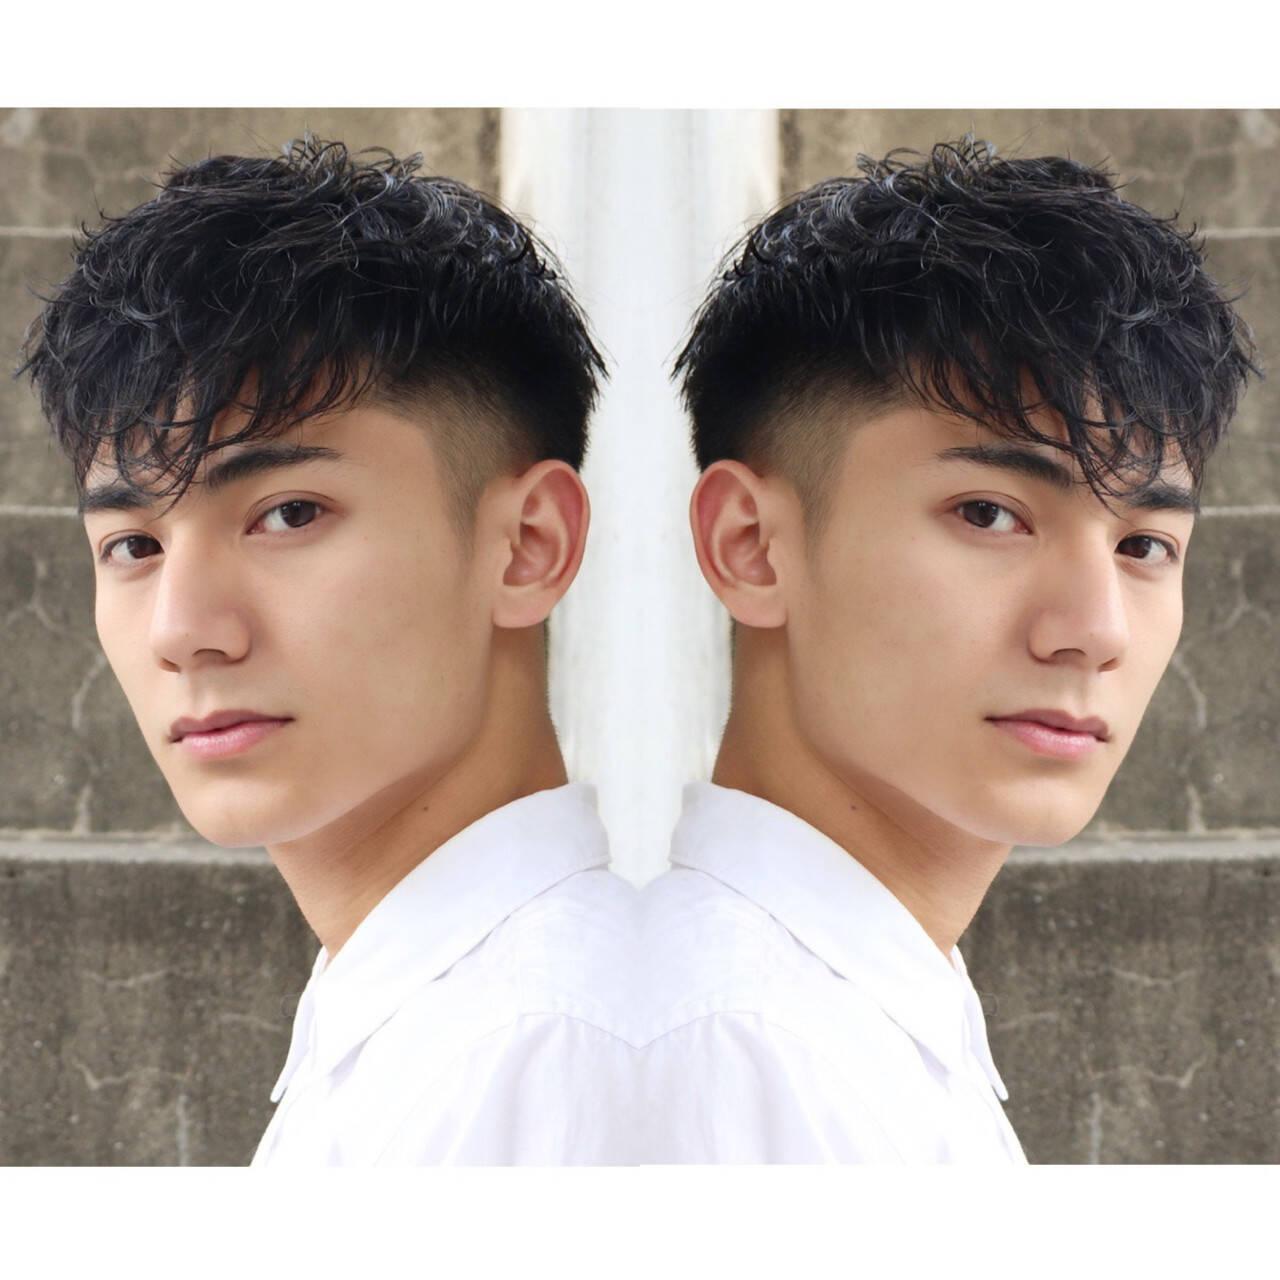 フェードカット メンズショート メンズスタイル スパイラルパーマヘアスタイルや髪型の写真・画像